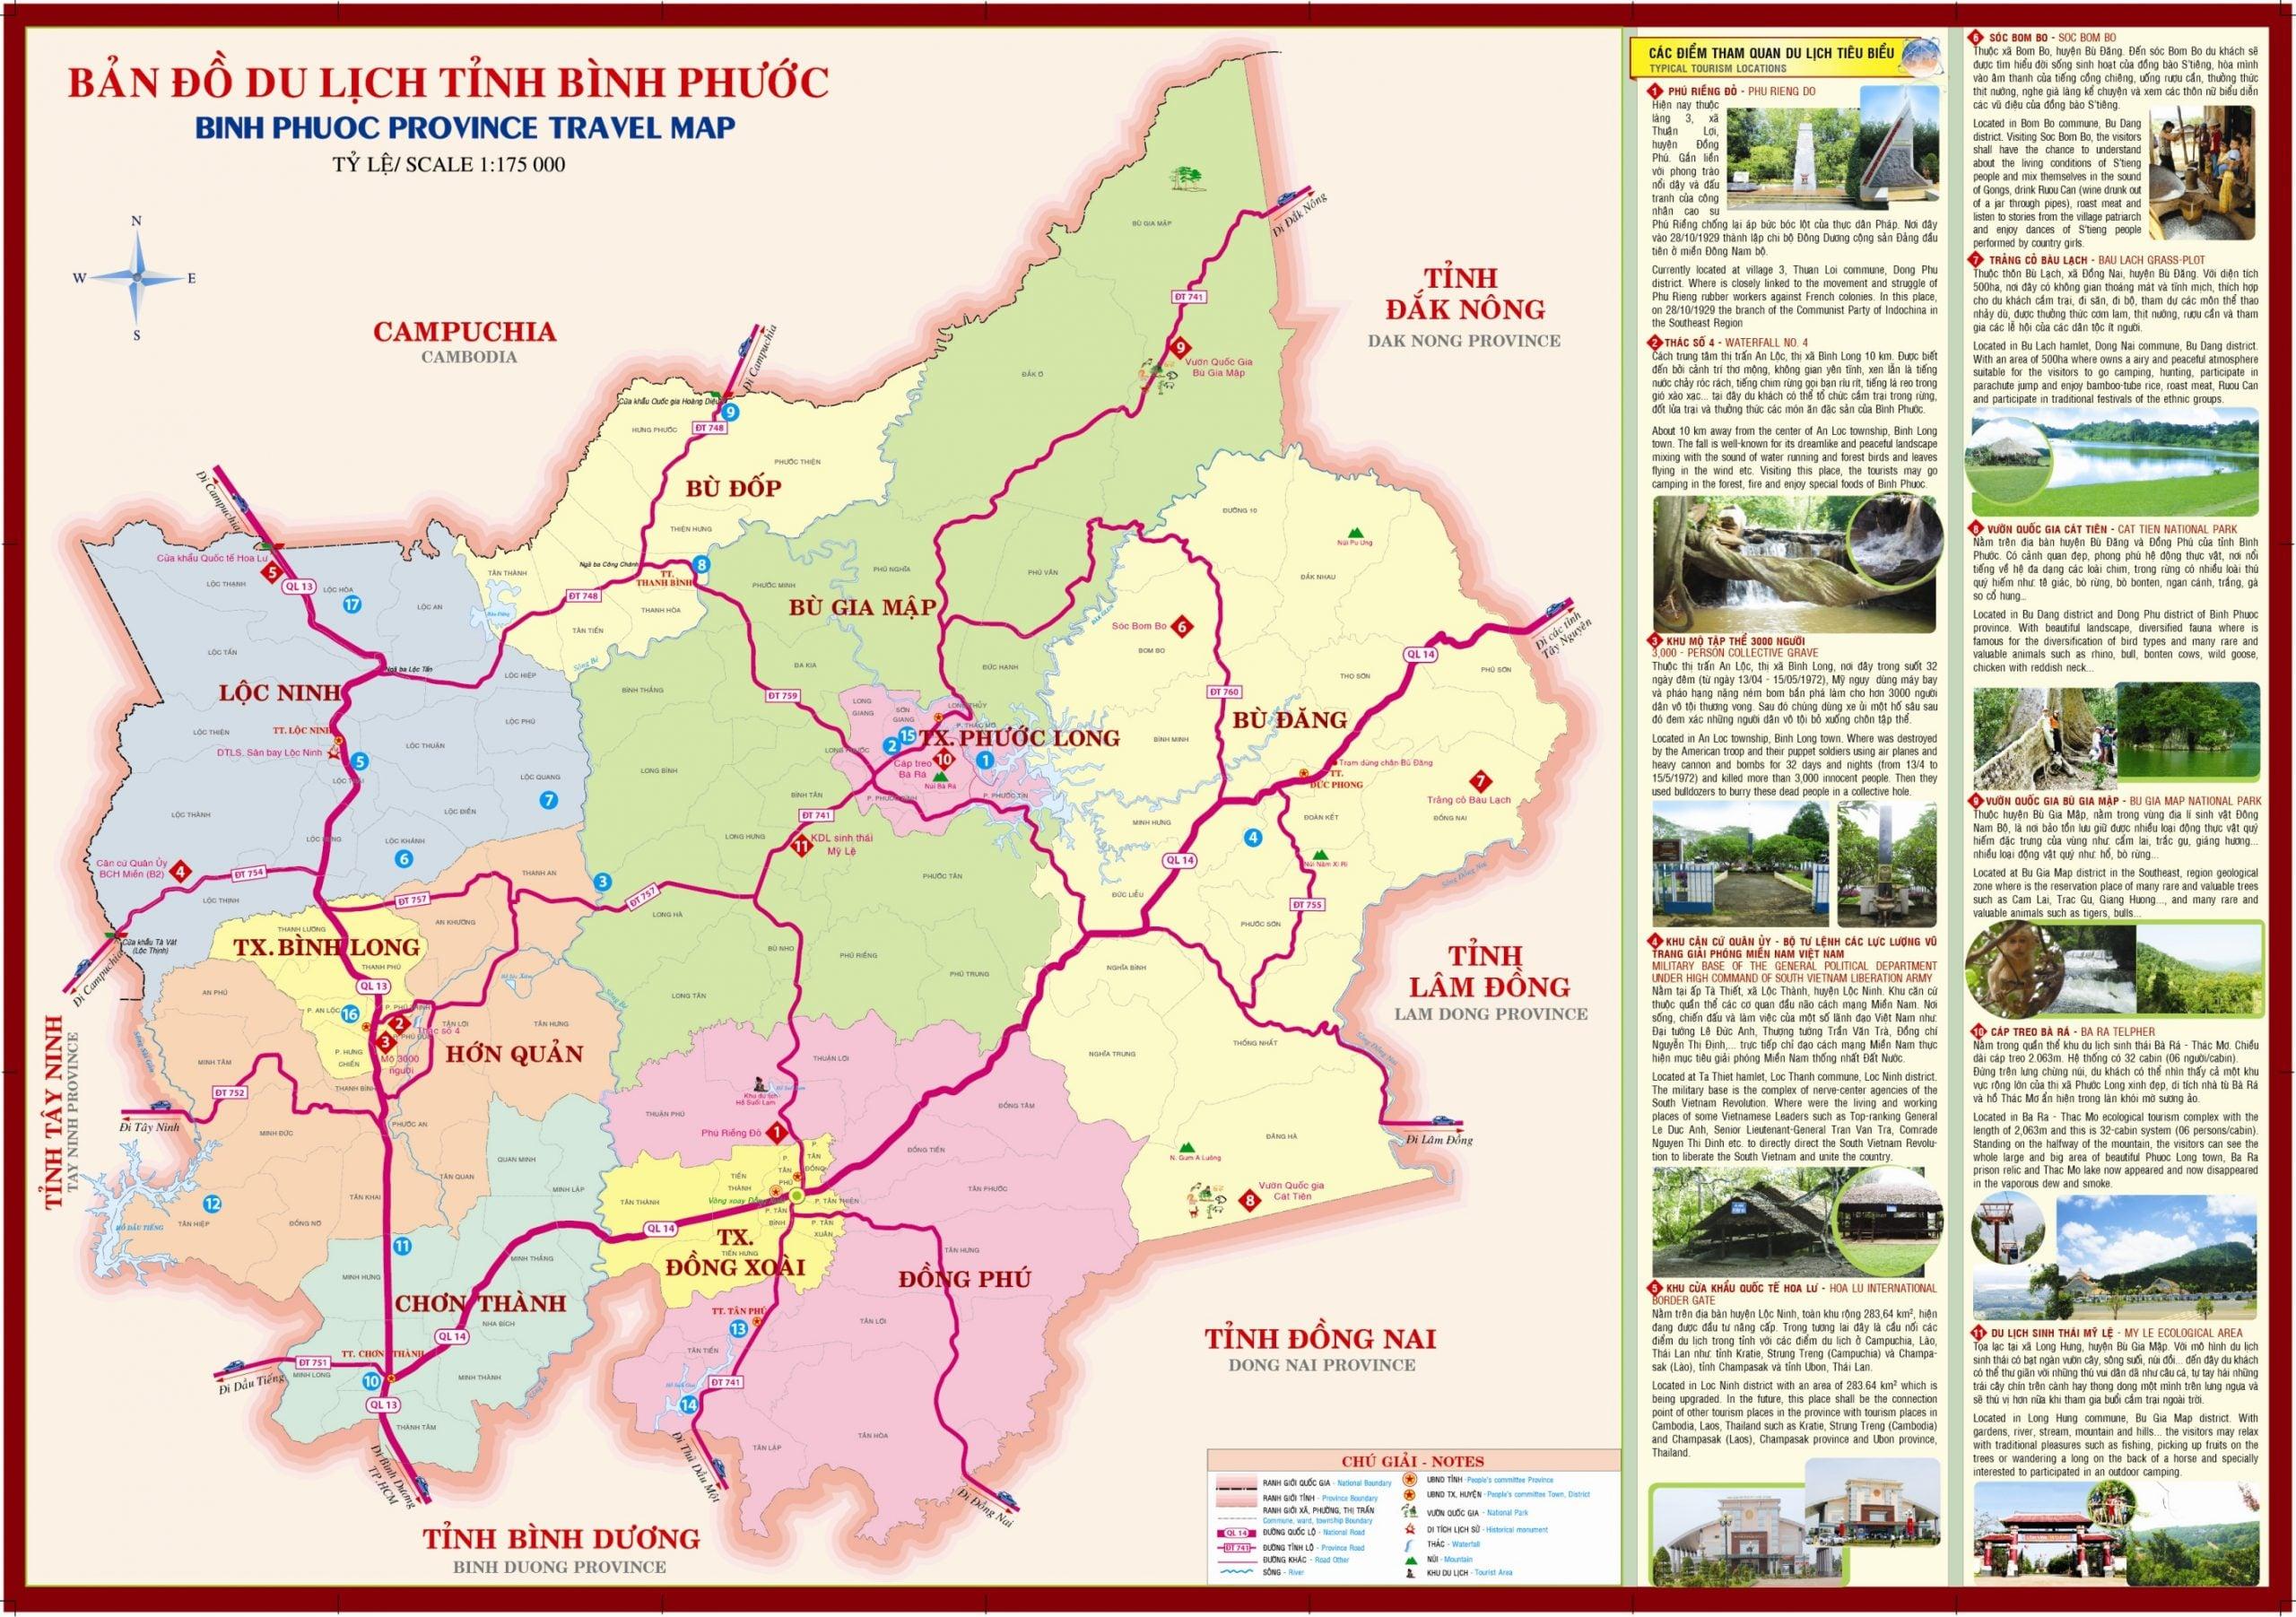 ban do du lich tinh binh phuoc scaled - #1 Cảm nhận và đánh giá các dự án đất nền tỉnh Bình Phước năm 2020